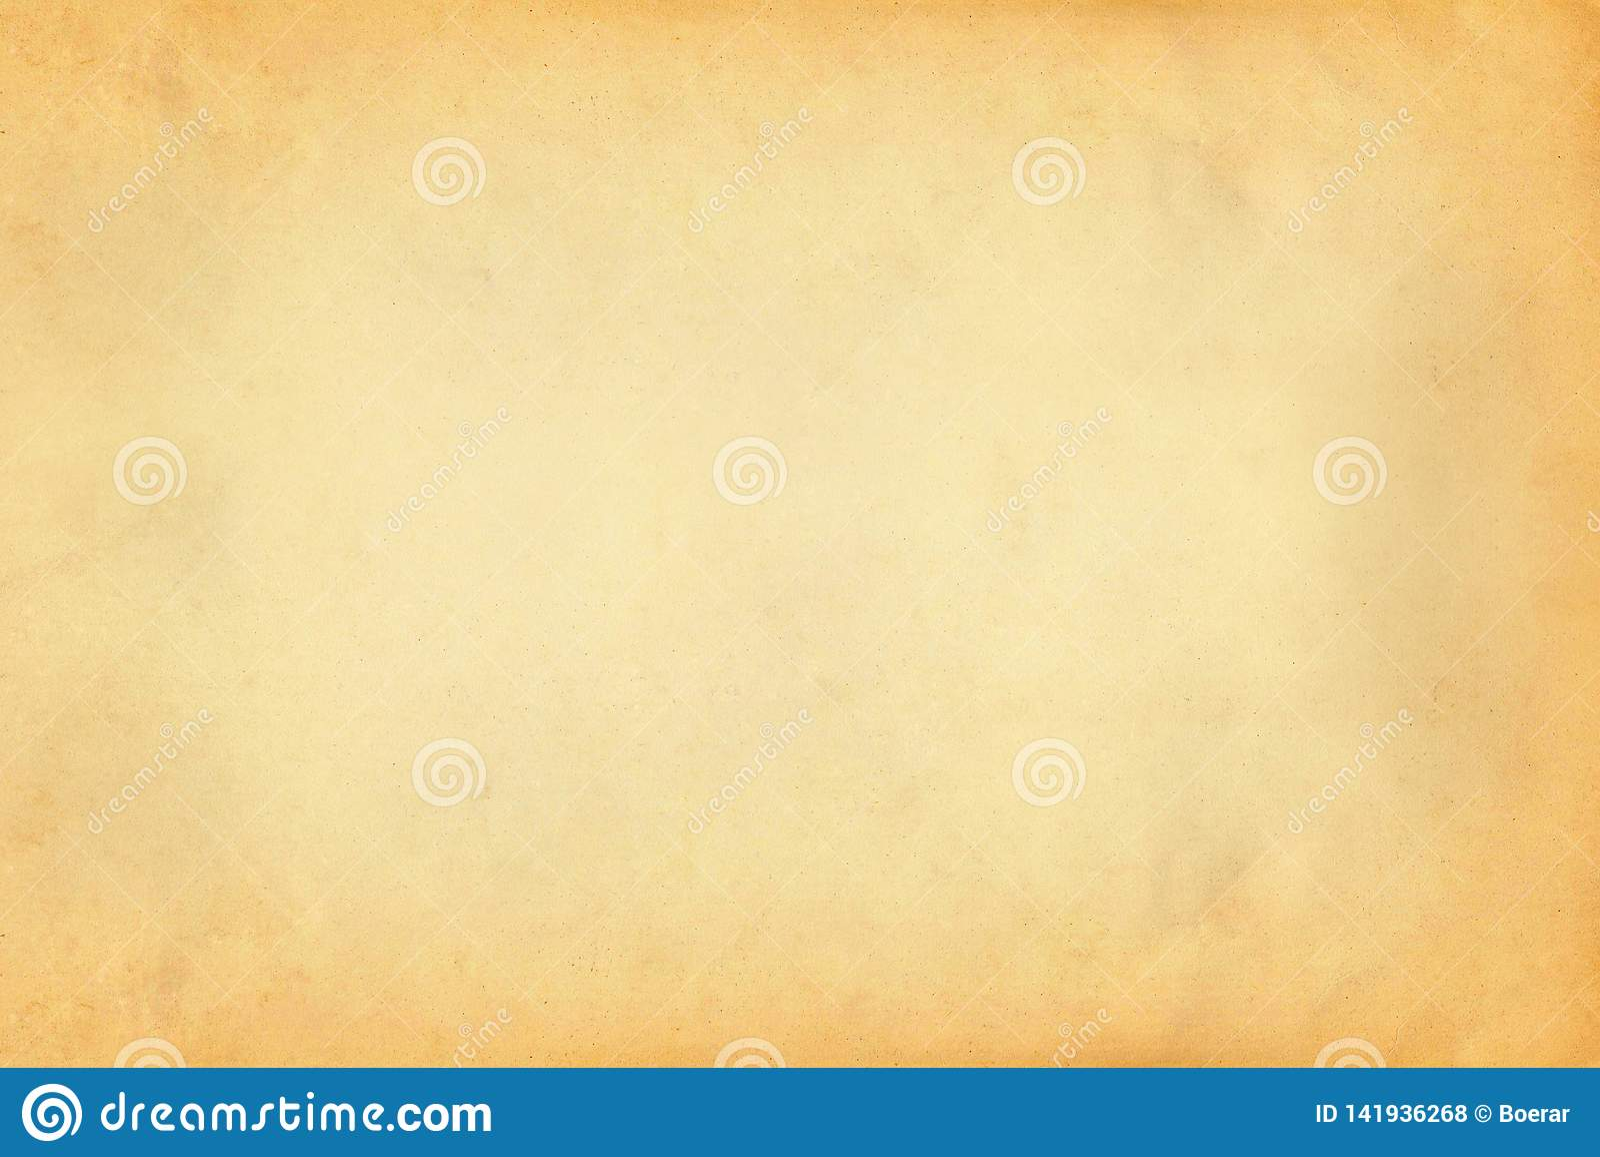 Uitstekende oude de textuurachtergrond van het geel en pakpapierperkament